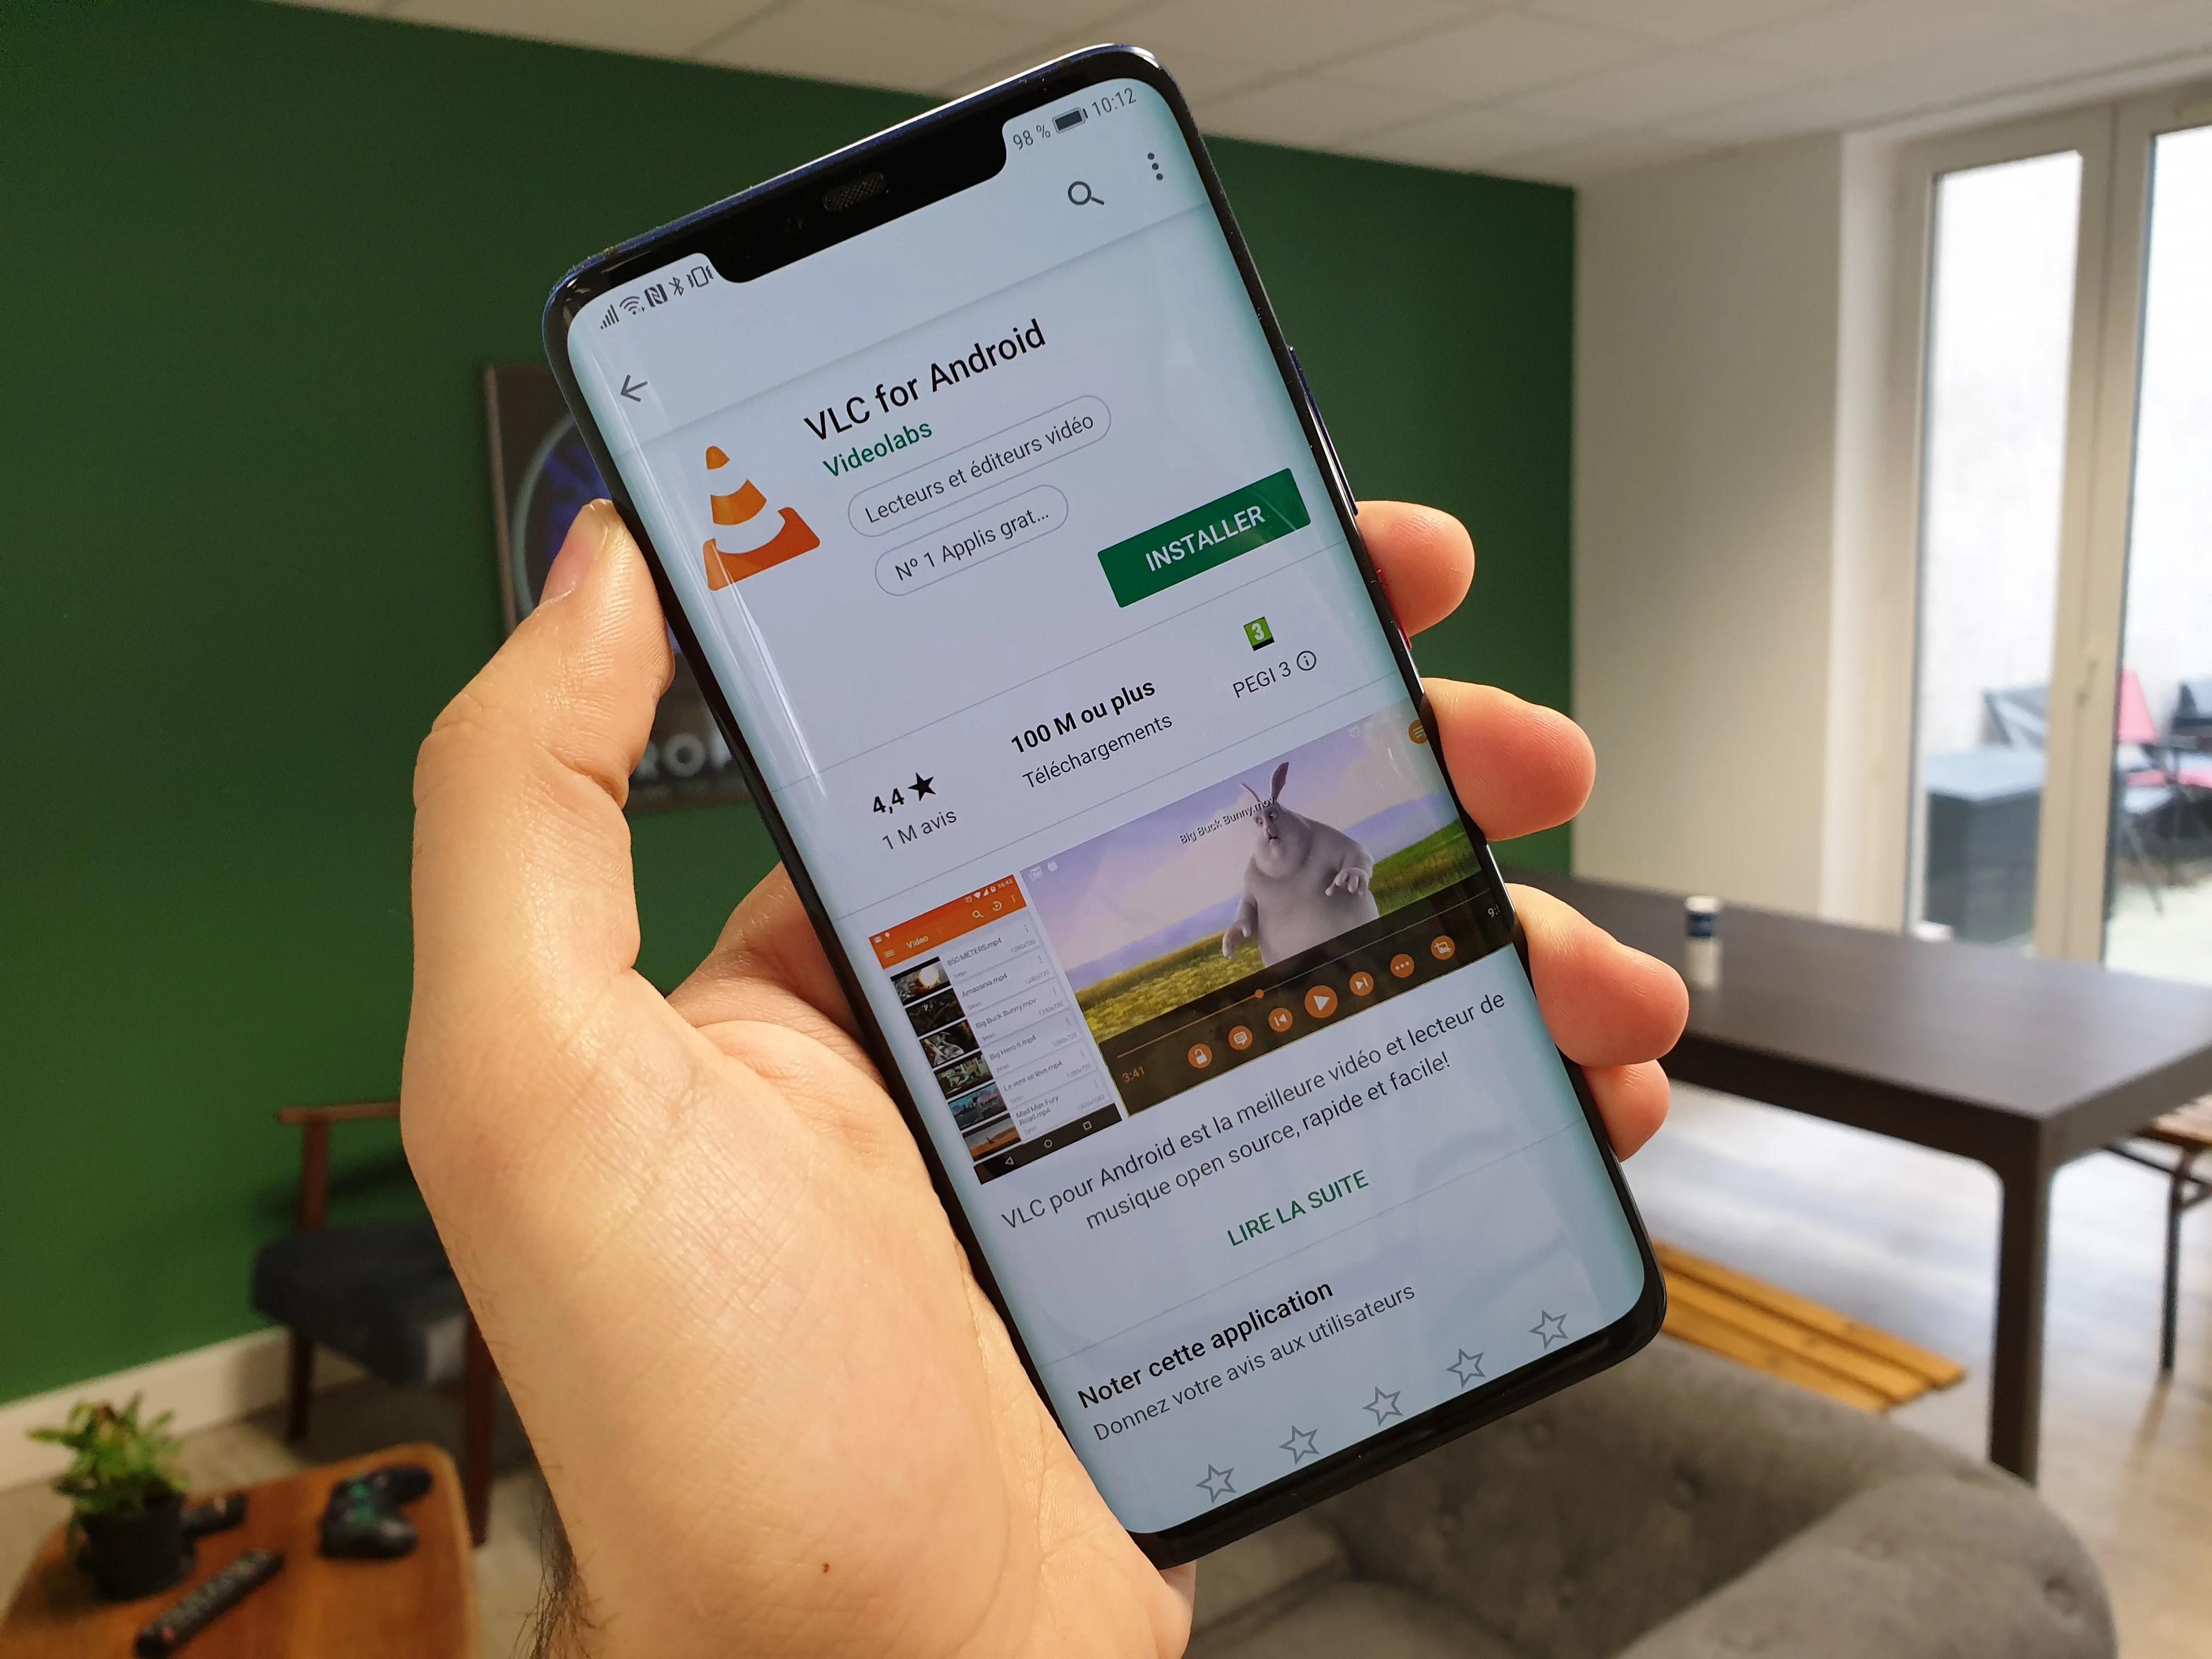 VLC et Huawei ont fait la paix : télécharger l'app est à nouveau possible